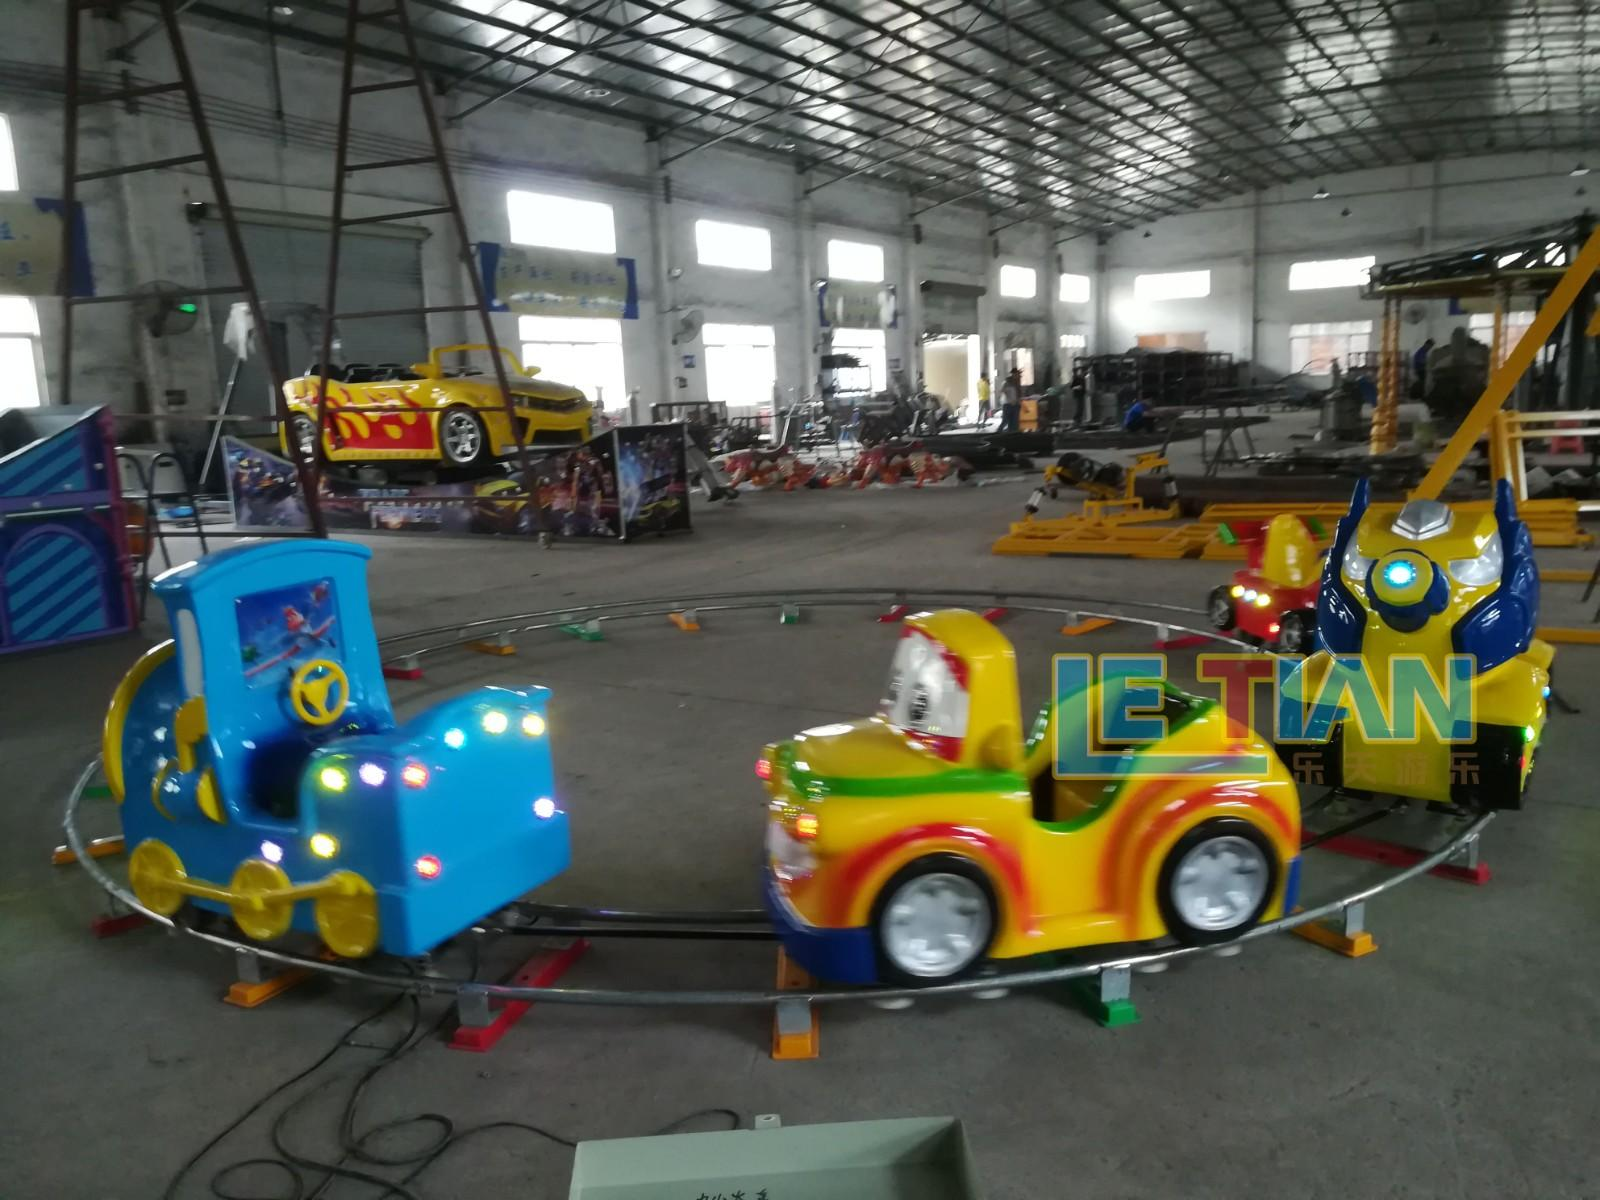 electric theme park train entertainment manufacturers children's palace-1